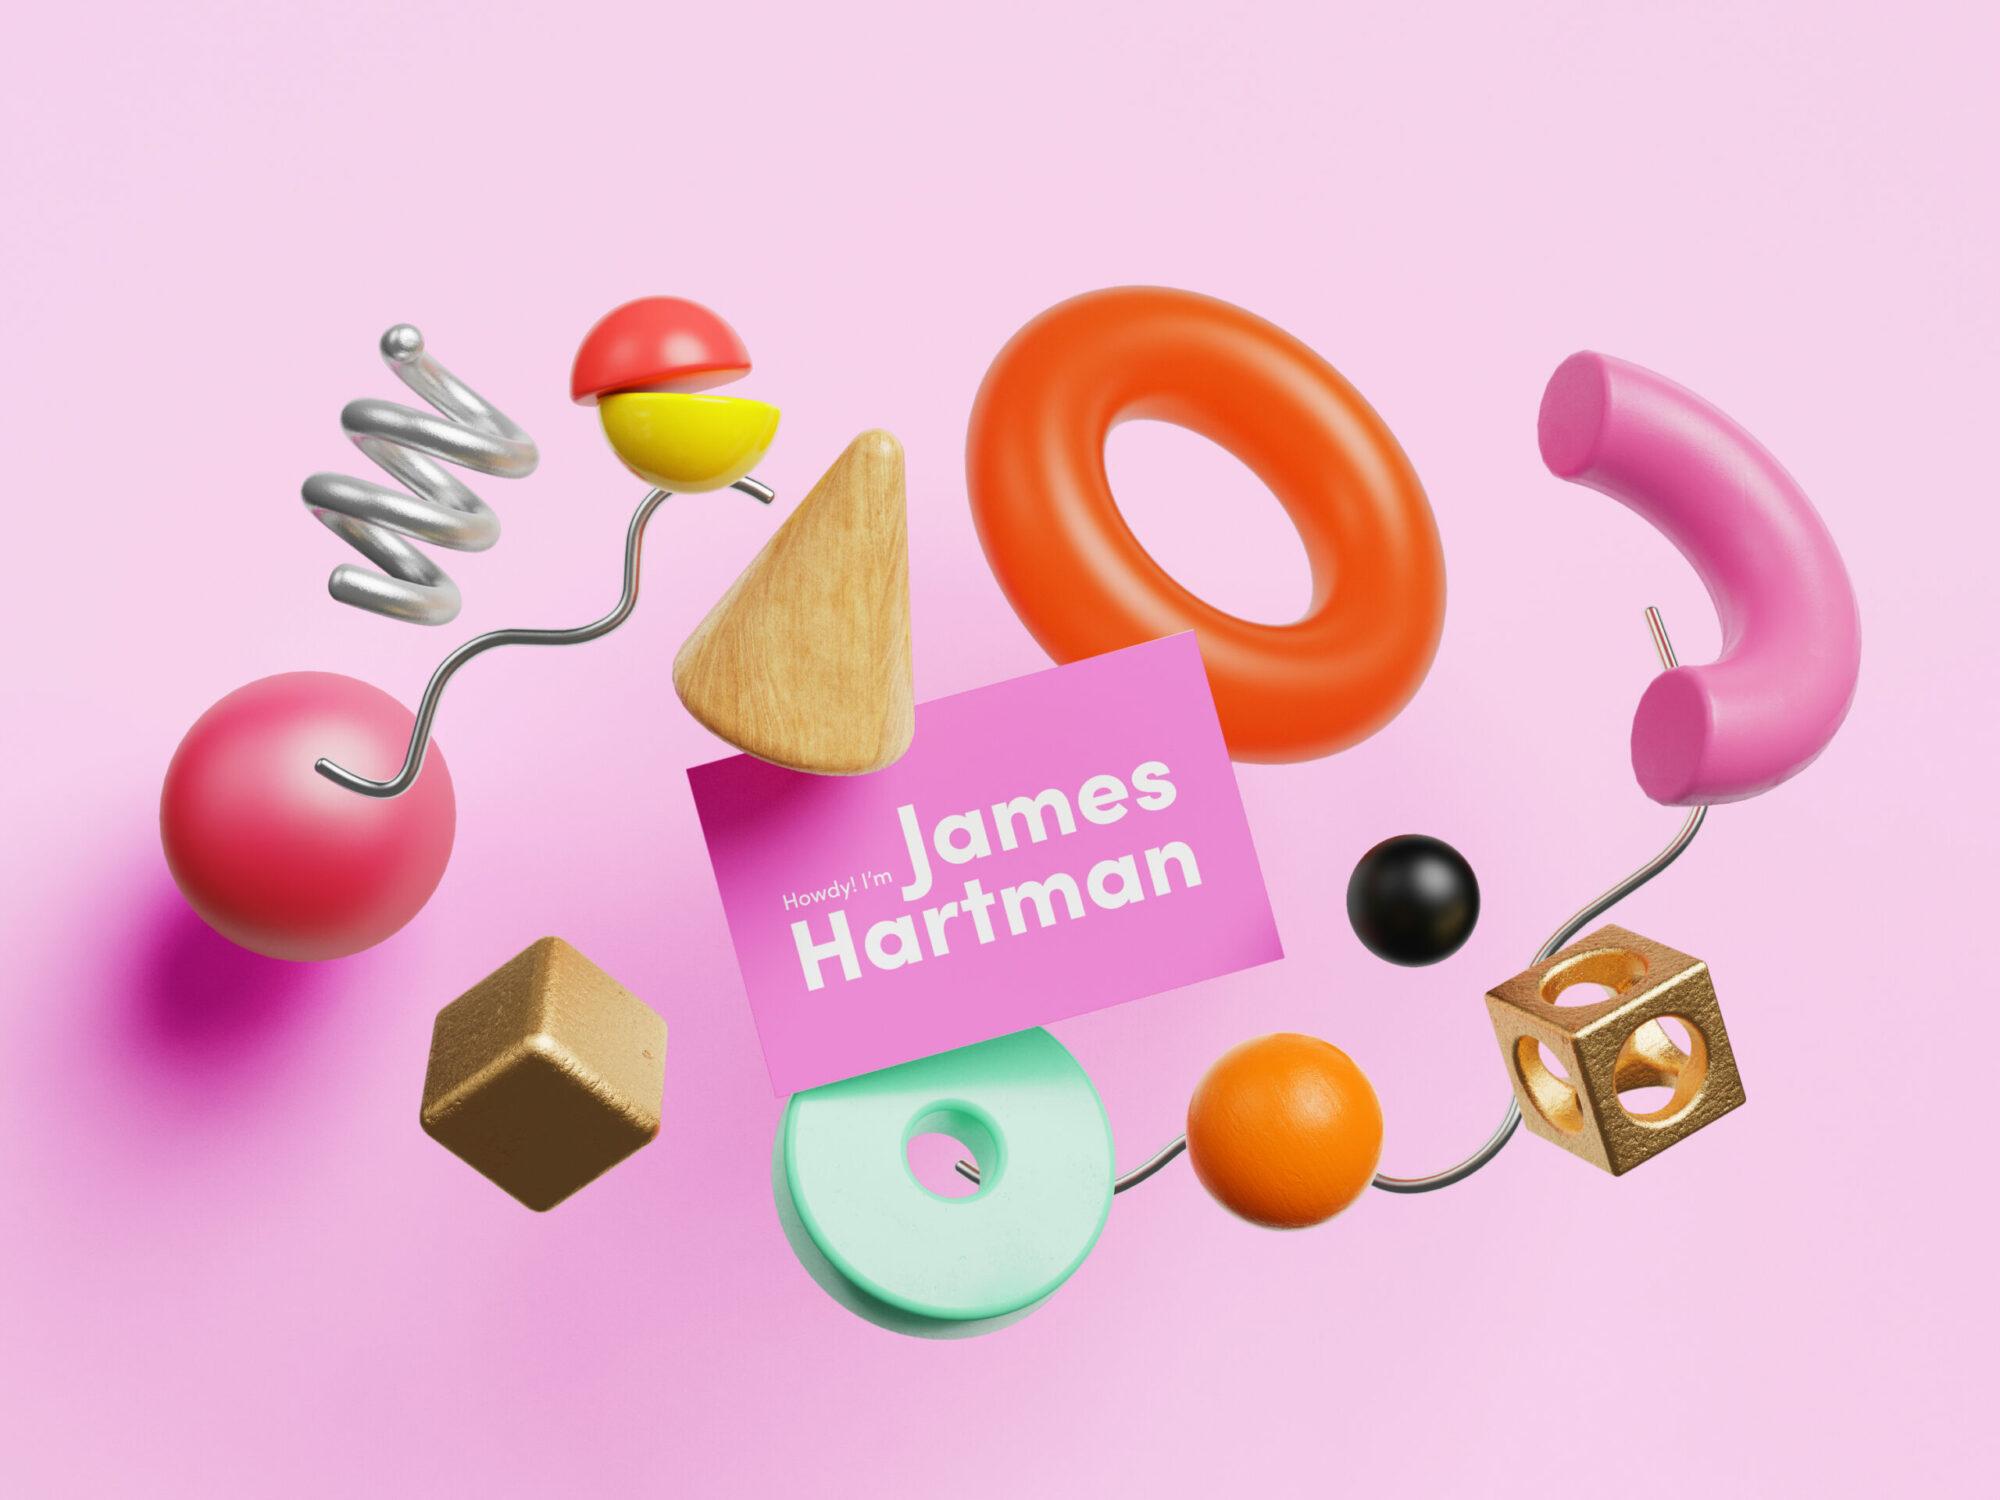 James' Design Blog